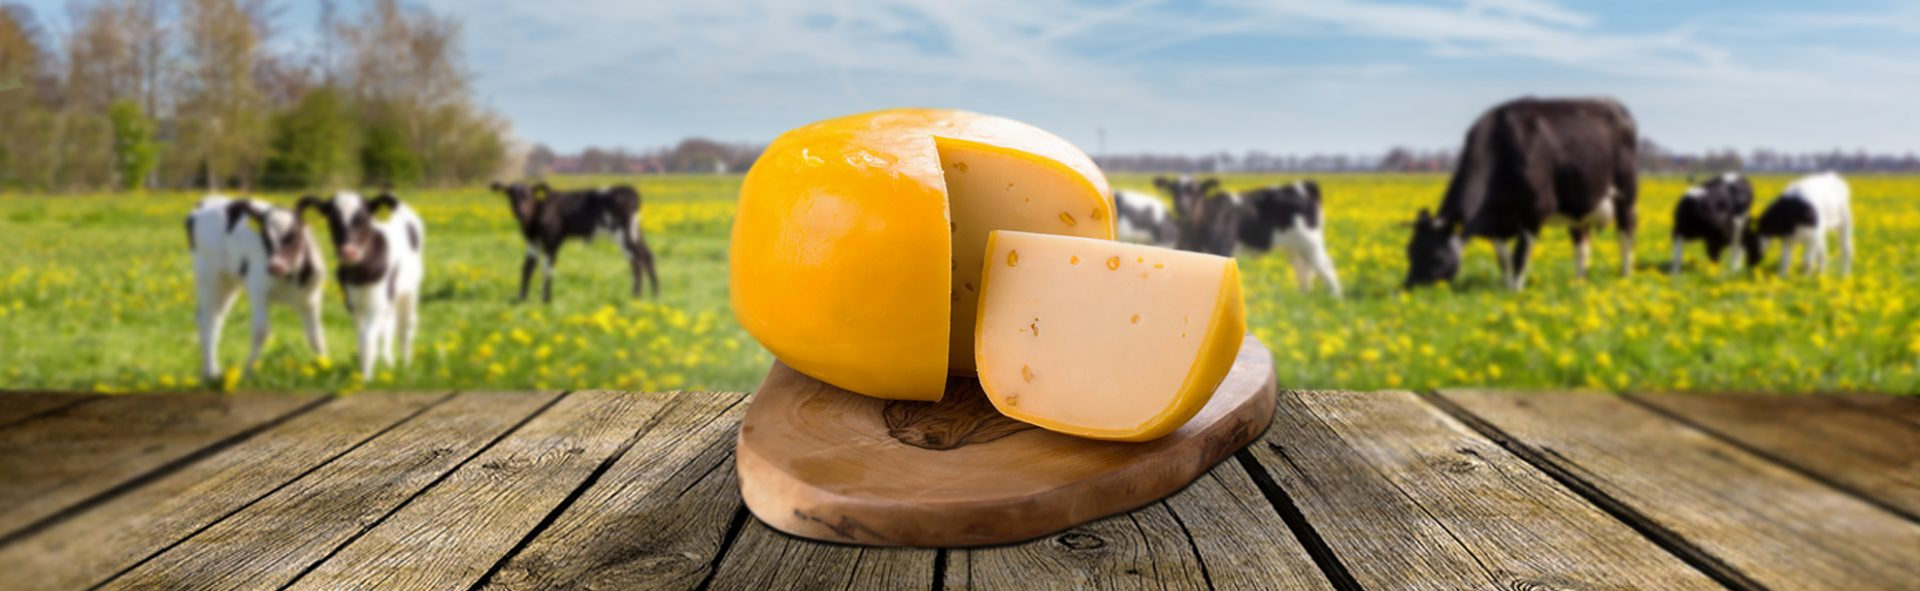 Kaas kopen: de lekkerste kaas bestelt u gemakkelijk online!